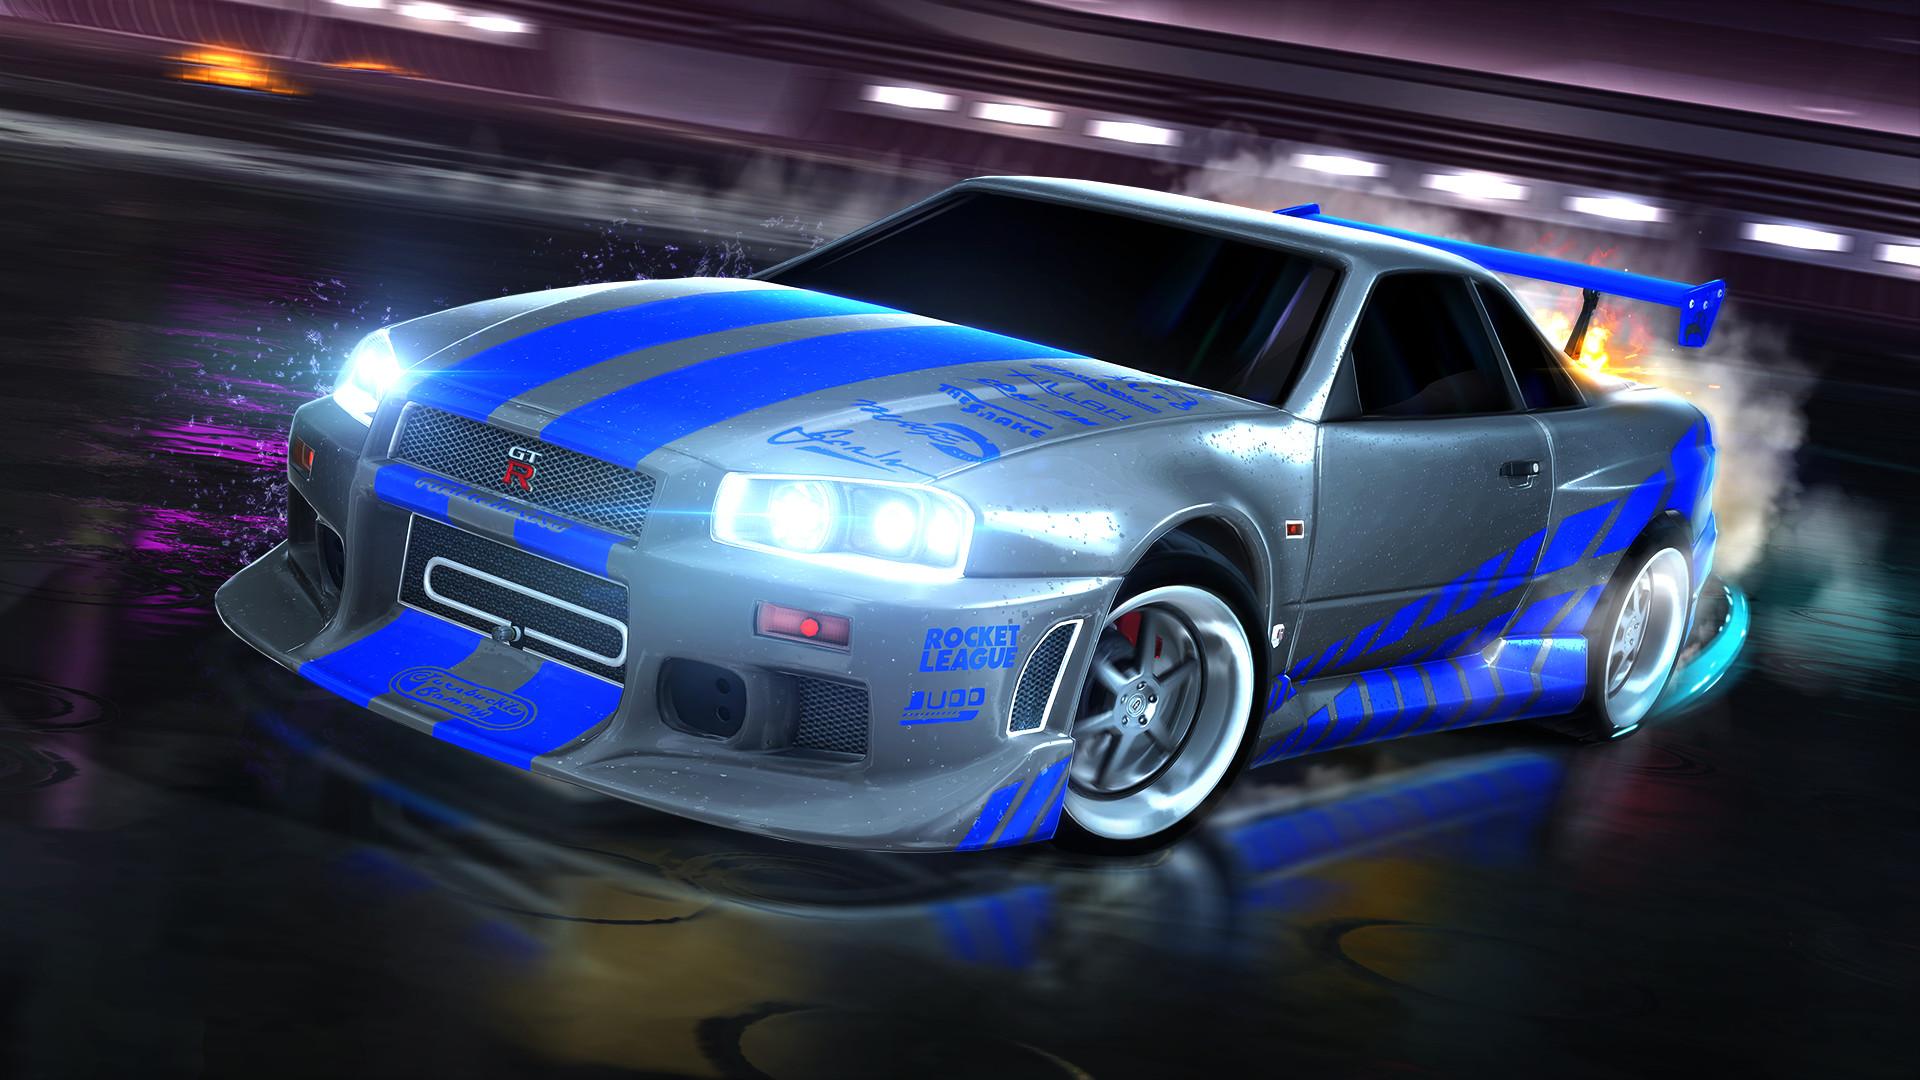 Rocket League – Fast & Furious '99 Nissan Skyline GT-R R34 screenshot